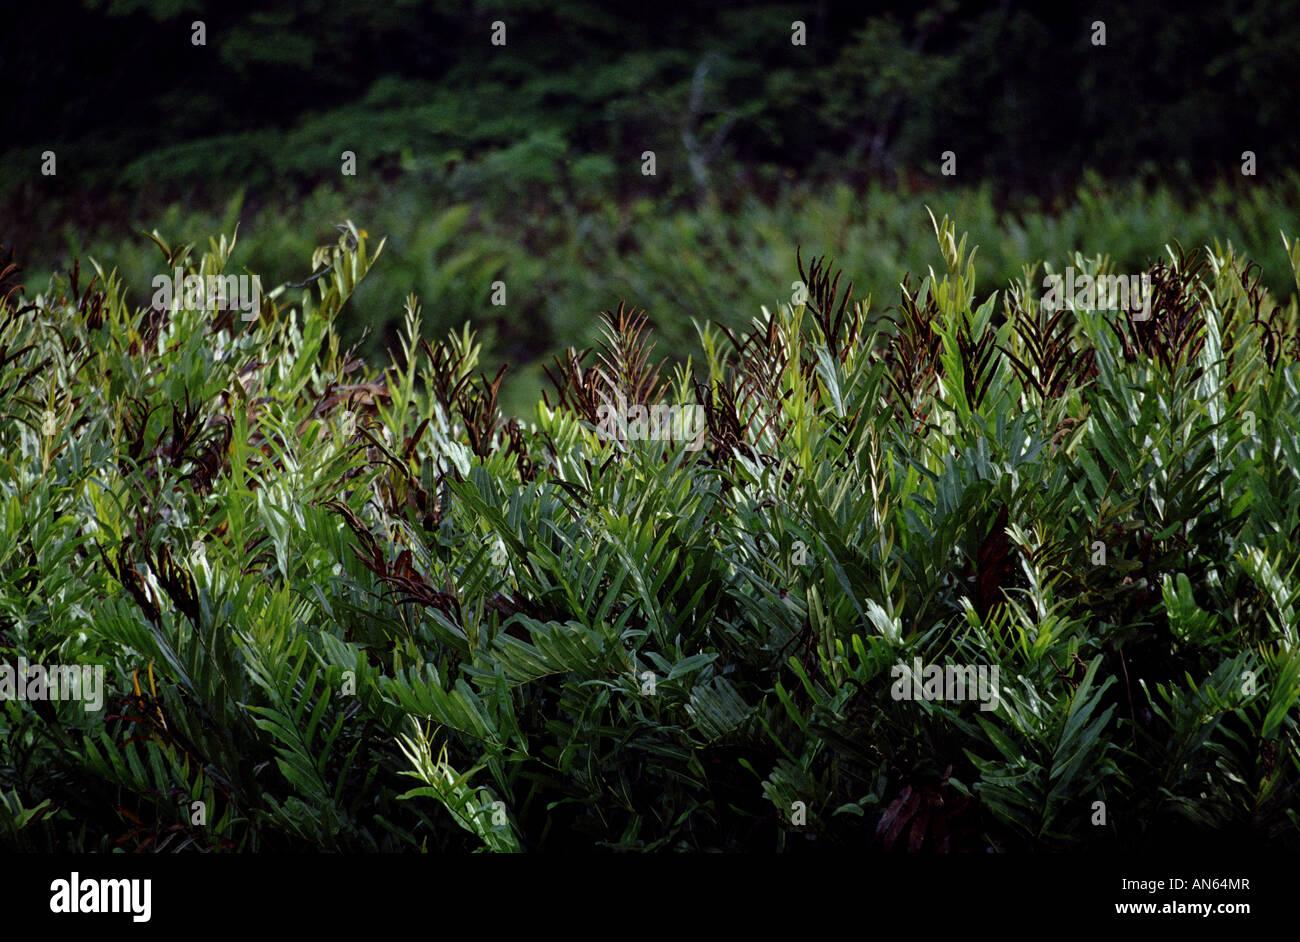 Forêt tropicale dense de la végétation dans le parc national de Soberania, République du Panama. Banque D'Images